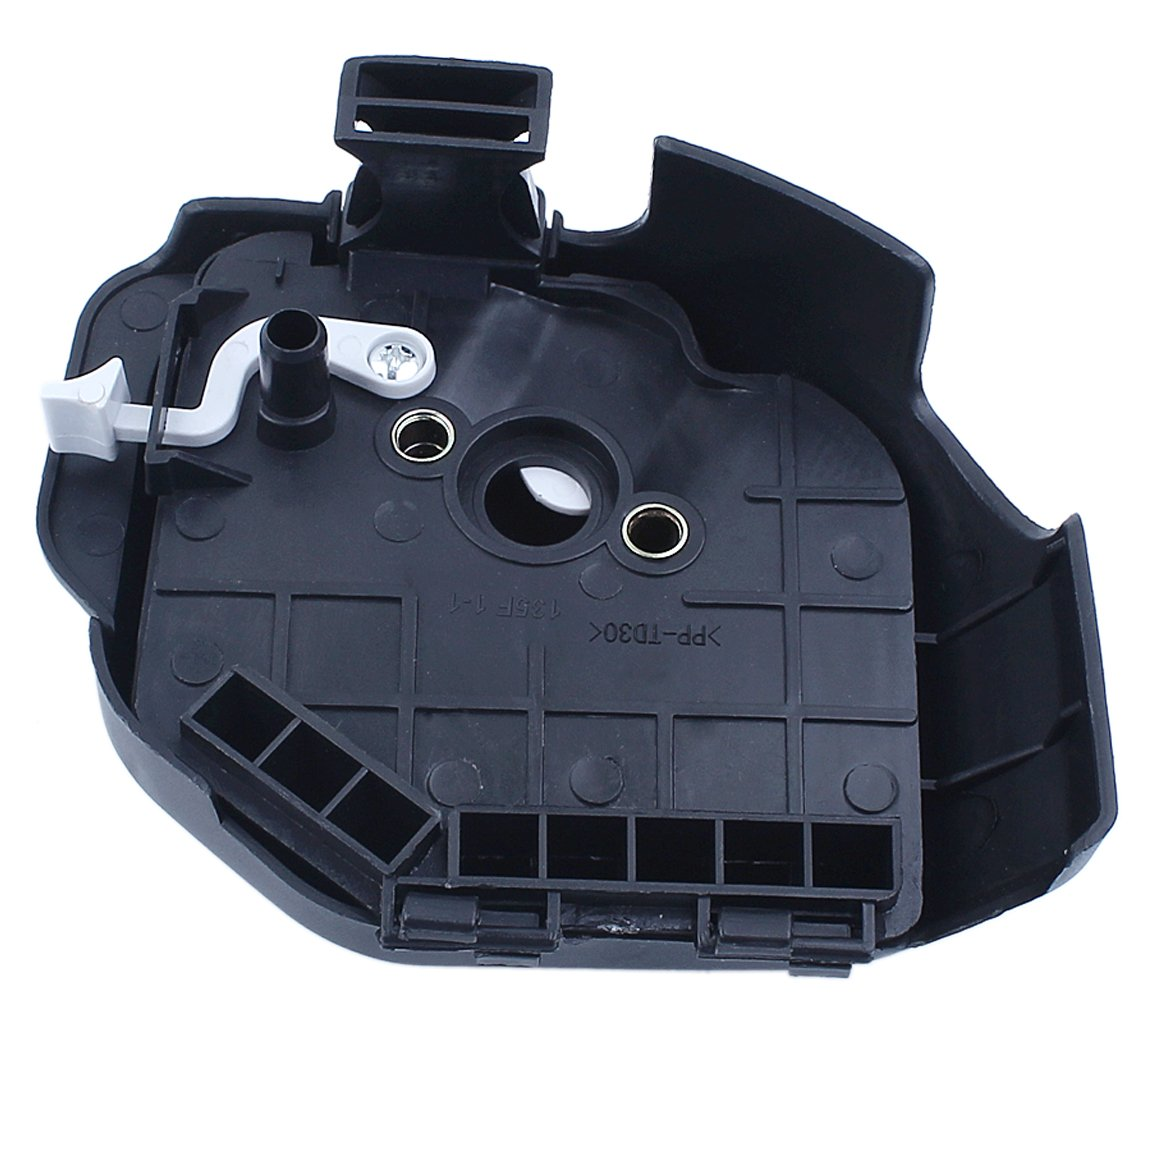 Haishine Filtro aria pulita e di assemblaggio per Honda GX25/GX25NT GX 25/25/NT motore Mover trimmer decespugliatore motore a benzina